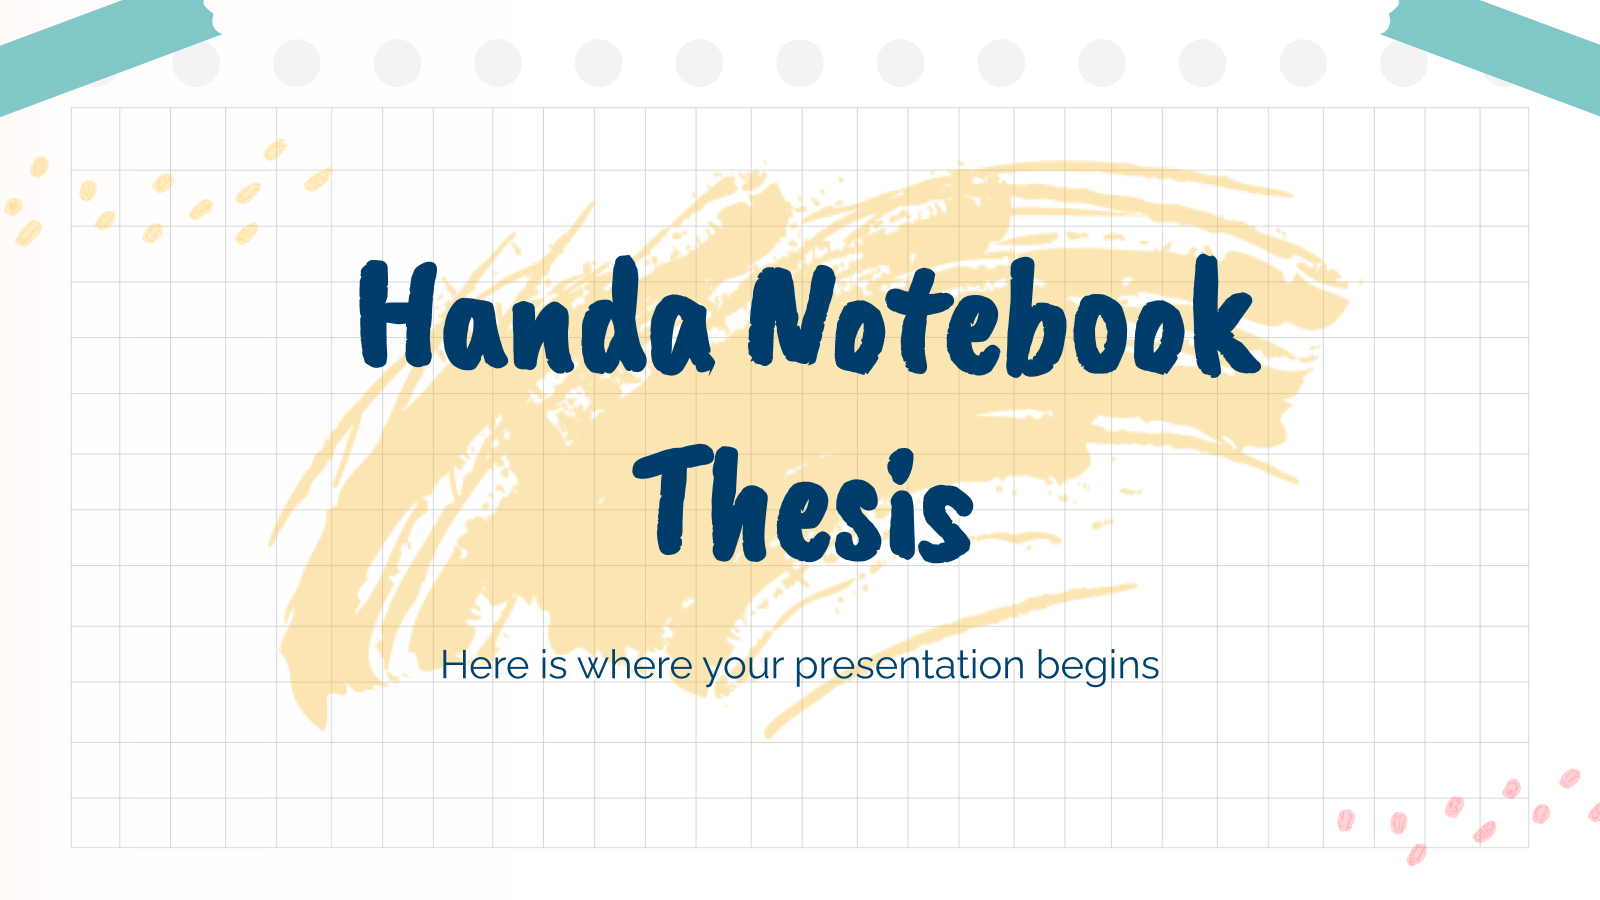 Modelo de apresentação Tese com caderno Handa